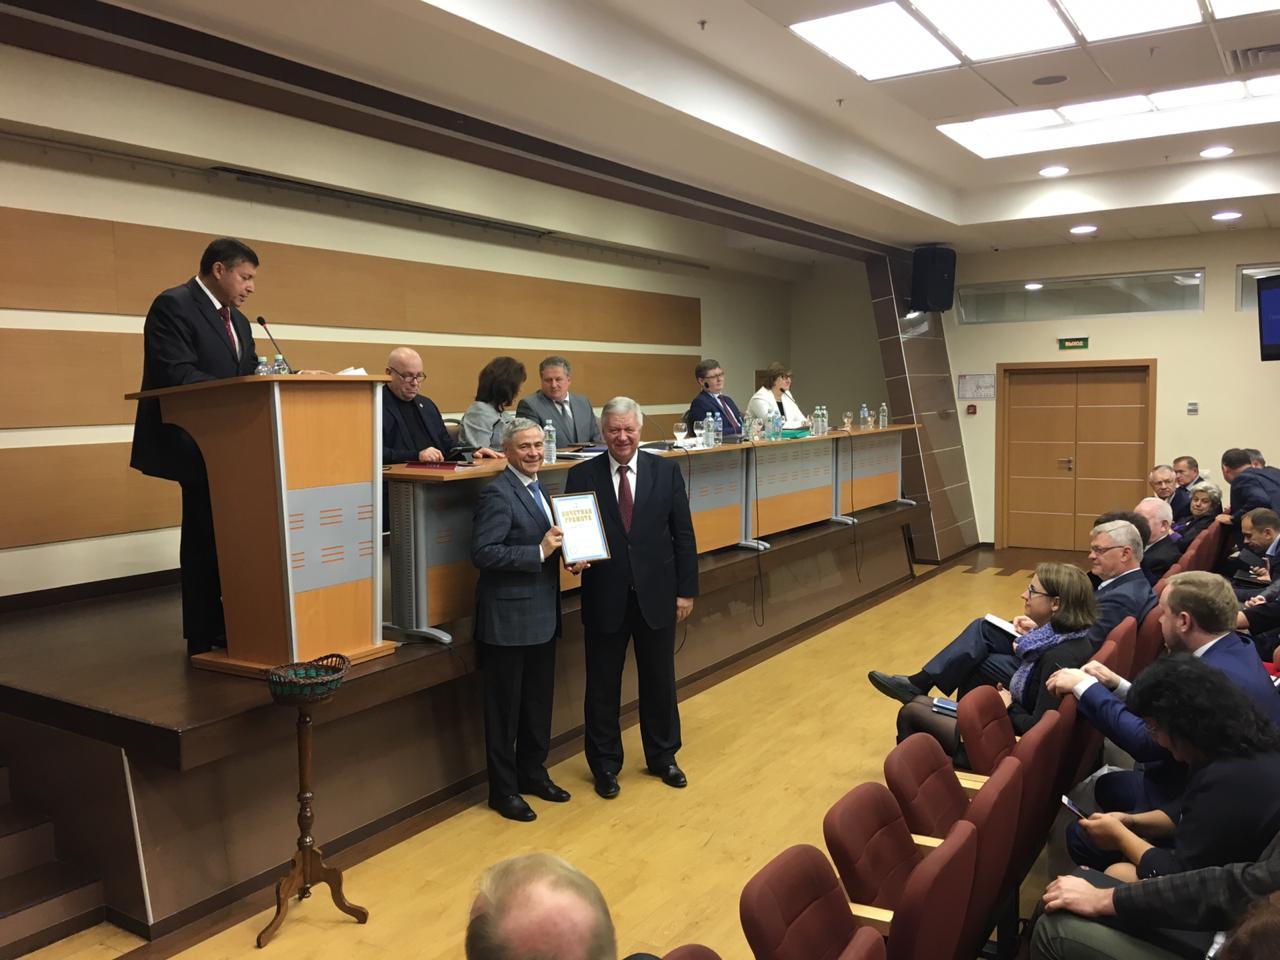 П.А. Рожков принял участие в заседании Генсовета ФНПР под председательством М.В. Шмакова